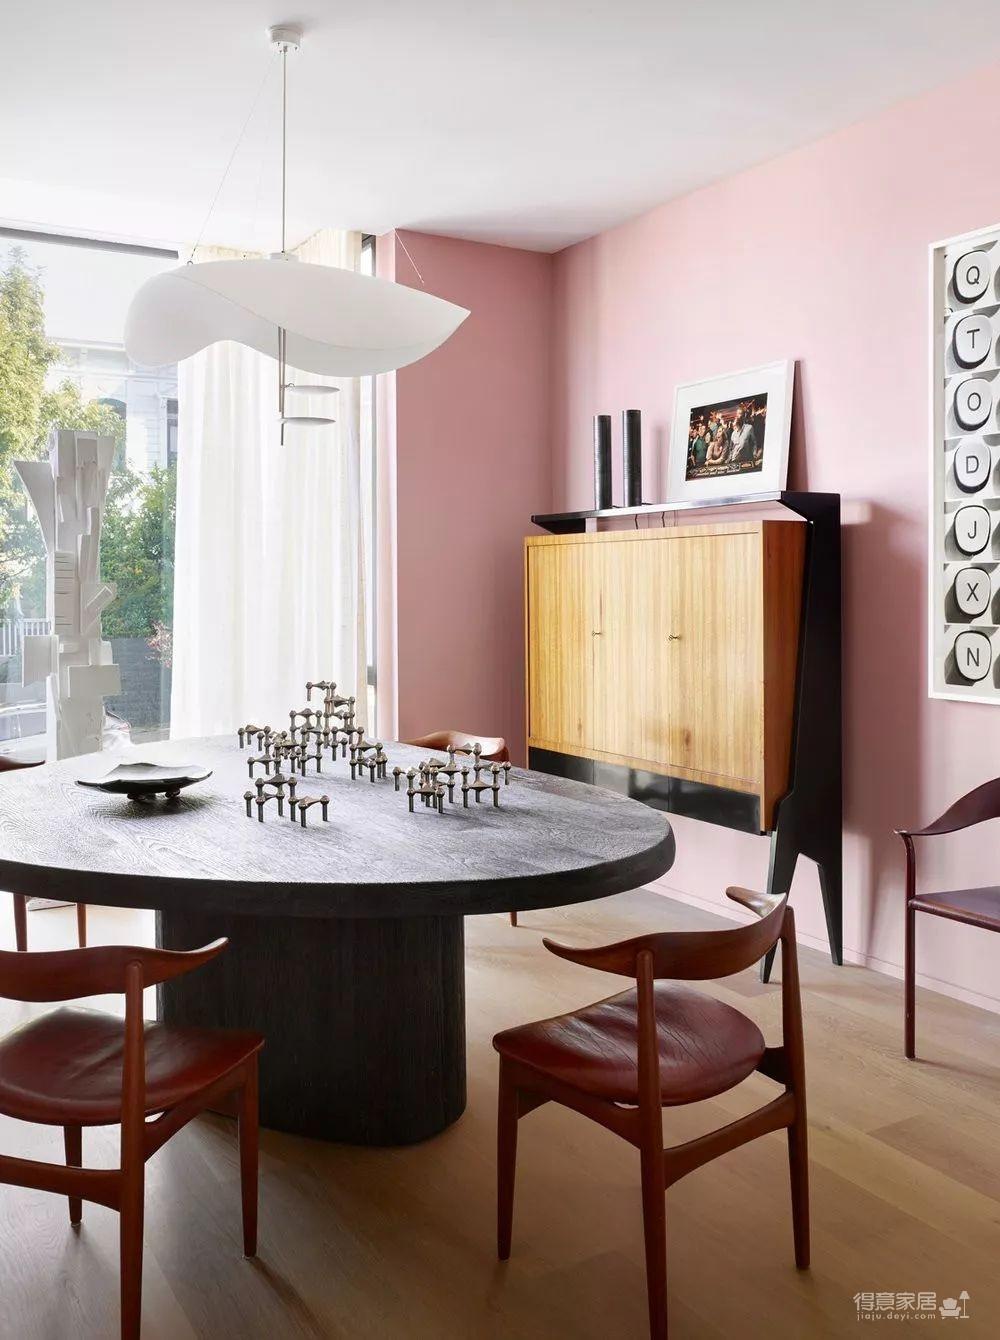 老式家具这么搭,空间的艺术感丰富了!图_17